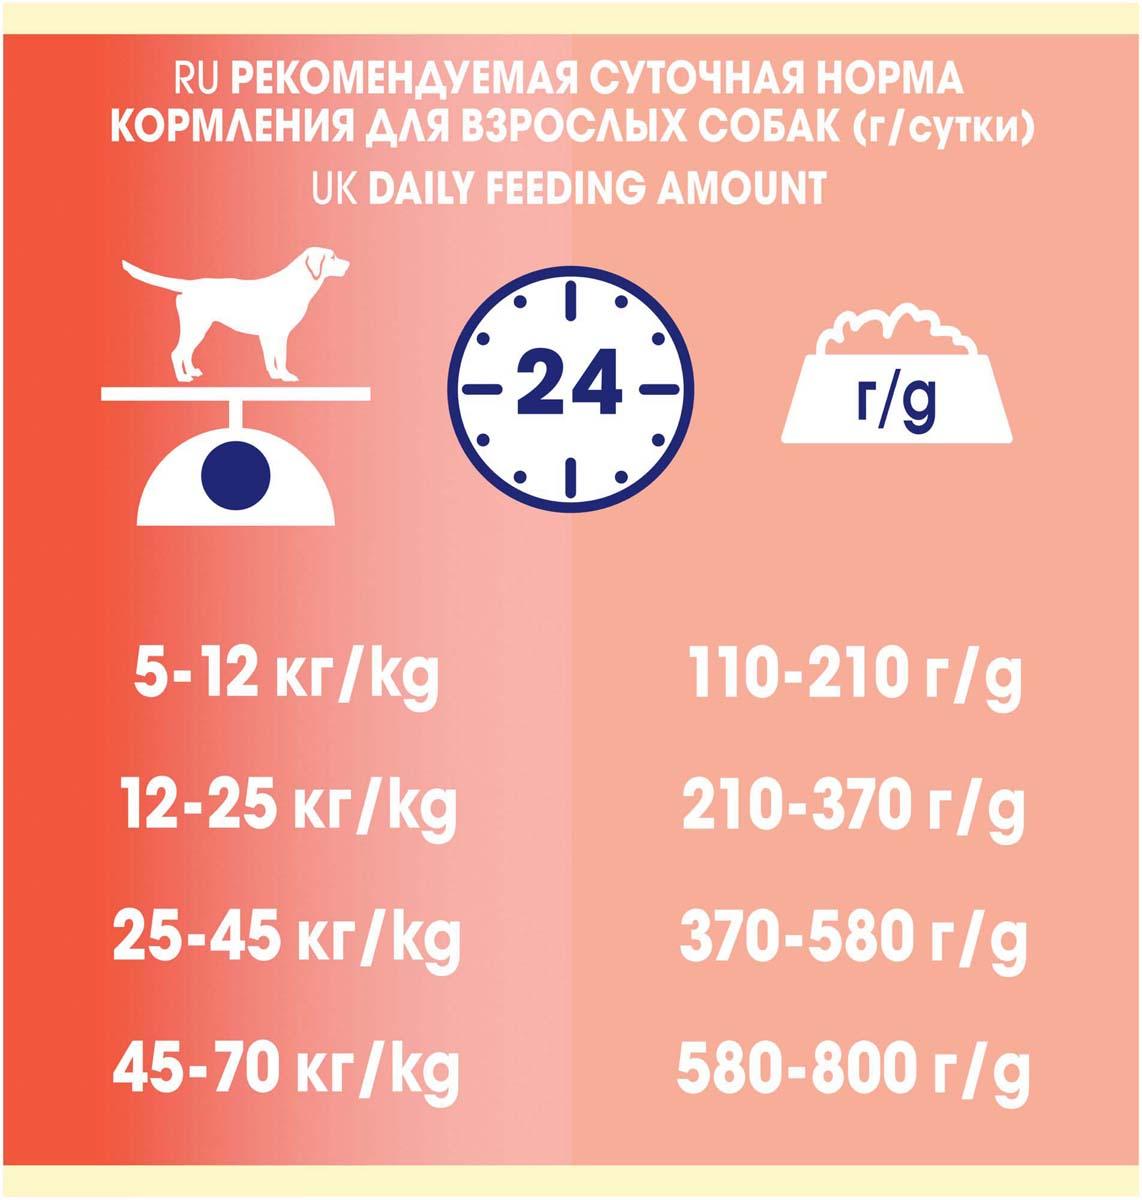 Сухой_корм_Dog_Chow_~Sensitive~_-_100%25_полнорационное_сбалансированное_питание,_предназначенное_для_собак_с_чувствительной_кожей_и_чувствительным_пищеварением._Содержит_натуральный_пребиотик,_улучшающий_работу_пищеварительной_системы._Цикорий_-_источник_натурального_пребиотика,_который,_как_показали_исследования,_способствует_росту_численности_полезных_кишечных_бактерий_и_нормализации_деятельности_пищеварительной_системы._Корм_для_собак_с_чувствительной_кожей_и_чувствительным_пищеварением_содержит_омега-3_жирные_кислоты,_которые_поддерживают_здоровье_чувствительной_кожи_и_шерсти,_а_также_натуральный_пребиотик,_улучшающий_работу_пищеварительной_системы,_помогая_вашему_питомцу_быть_счастливым._Гранулы_двух_видов_для_гигиены_полости_рта._Специальная_форма_и_текстура_гранул_способствует_легкому_пережевыванию_и_поддержанию_здоровья_полости_рта._Наши_диетологи_и_заводчики_тщательно_протестировали_это_сочетание_гранул_для_гарантии_того,_что_они_подходят_и_нравятся_взрослым_собакам_различных_пород._Содержит_лосось_-_источник_высококачественного_белка_для_поддержания_хорошего_пищеварения._Оптимальный_уровень_омега-3_и_омега-6_жирных_кислот,_которые_сдерживают_связанные_с_пищевой_чувствительностью_кожные_реакции,_помогают_коже_сохранять_естественную_влажность_и_эластичностьСодержит_витамин_Е,_который_в_качестве_антиоксиданта_участвует_в_борьбе_со_свободными_радикалами_и_укрепляет_естественную_защиту_организма._Состав:_злаки,_мясо_и_продукты_переработки_мяса,_продукты_переработки_сырья_растительного_происхождения,_масла_и_жиры,_рыба_и_продукты_переработки_рыбы_(в_том_числе_лосось),_овощи_(сухой_корень_цикория),_минеральные_вещества,_витамины,_антиоксиданты._Добавленные_вещества_(на_1_кг):_витамин_А_20300_МЕ,_витамин_D3_1180_МЕ,_витамин_Е_97_МЕ,_железо_84,3_мг,_йод_2,1_мг,_медь_9,4_мг,_марганец_6,4_мг,_цинк_151,5_мг,_селен_0,21_мг._Гарантируемые_показатели:_белок_23%25,_жир_10%25,_сырая_зола_8%25,_сырая_клетчатка_3%25,_Омега-3_жирные_кислоты_(ЭПК^ДГК)_0,2%25._Вес:_14_кг._Това